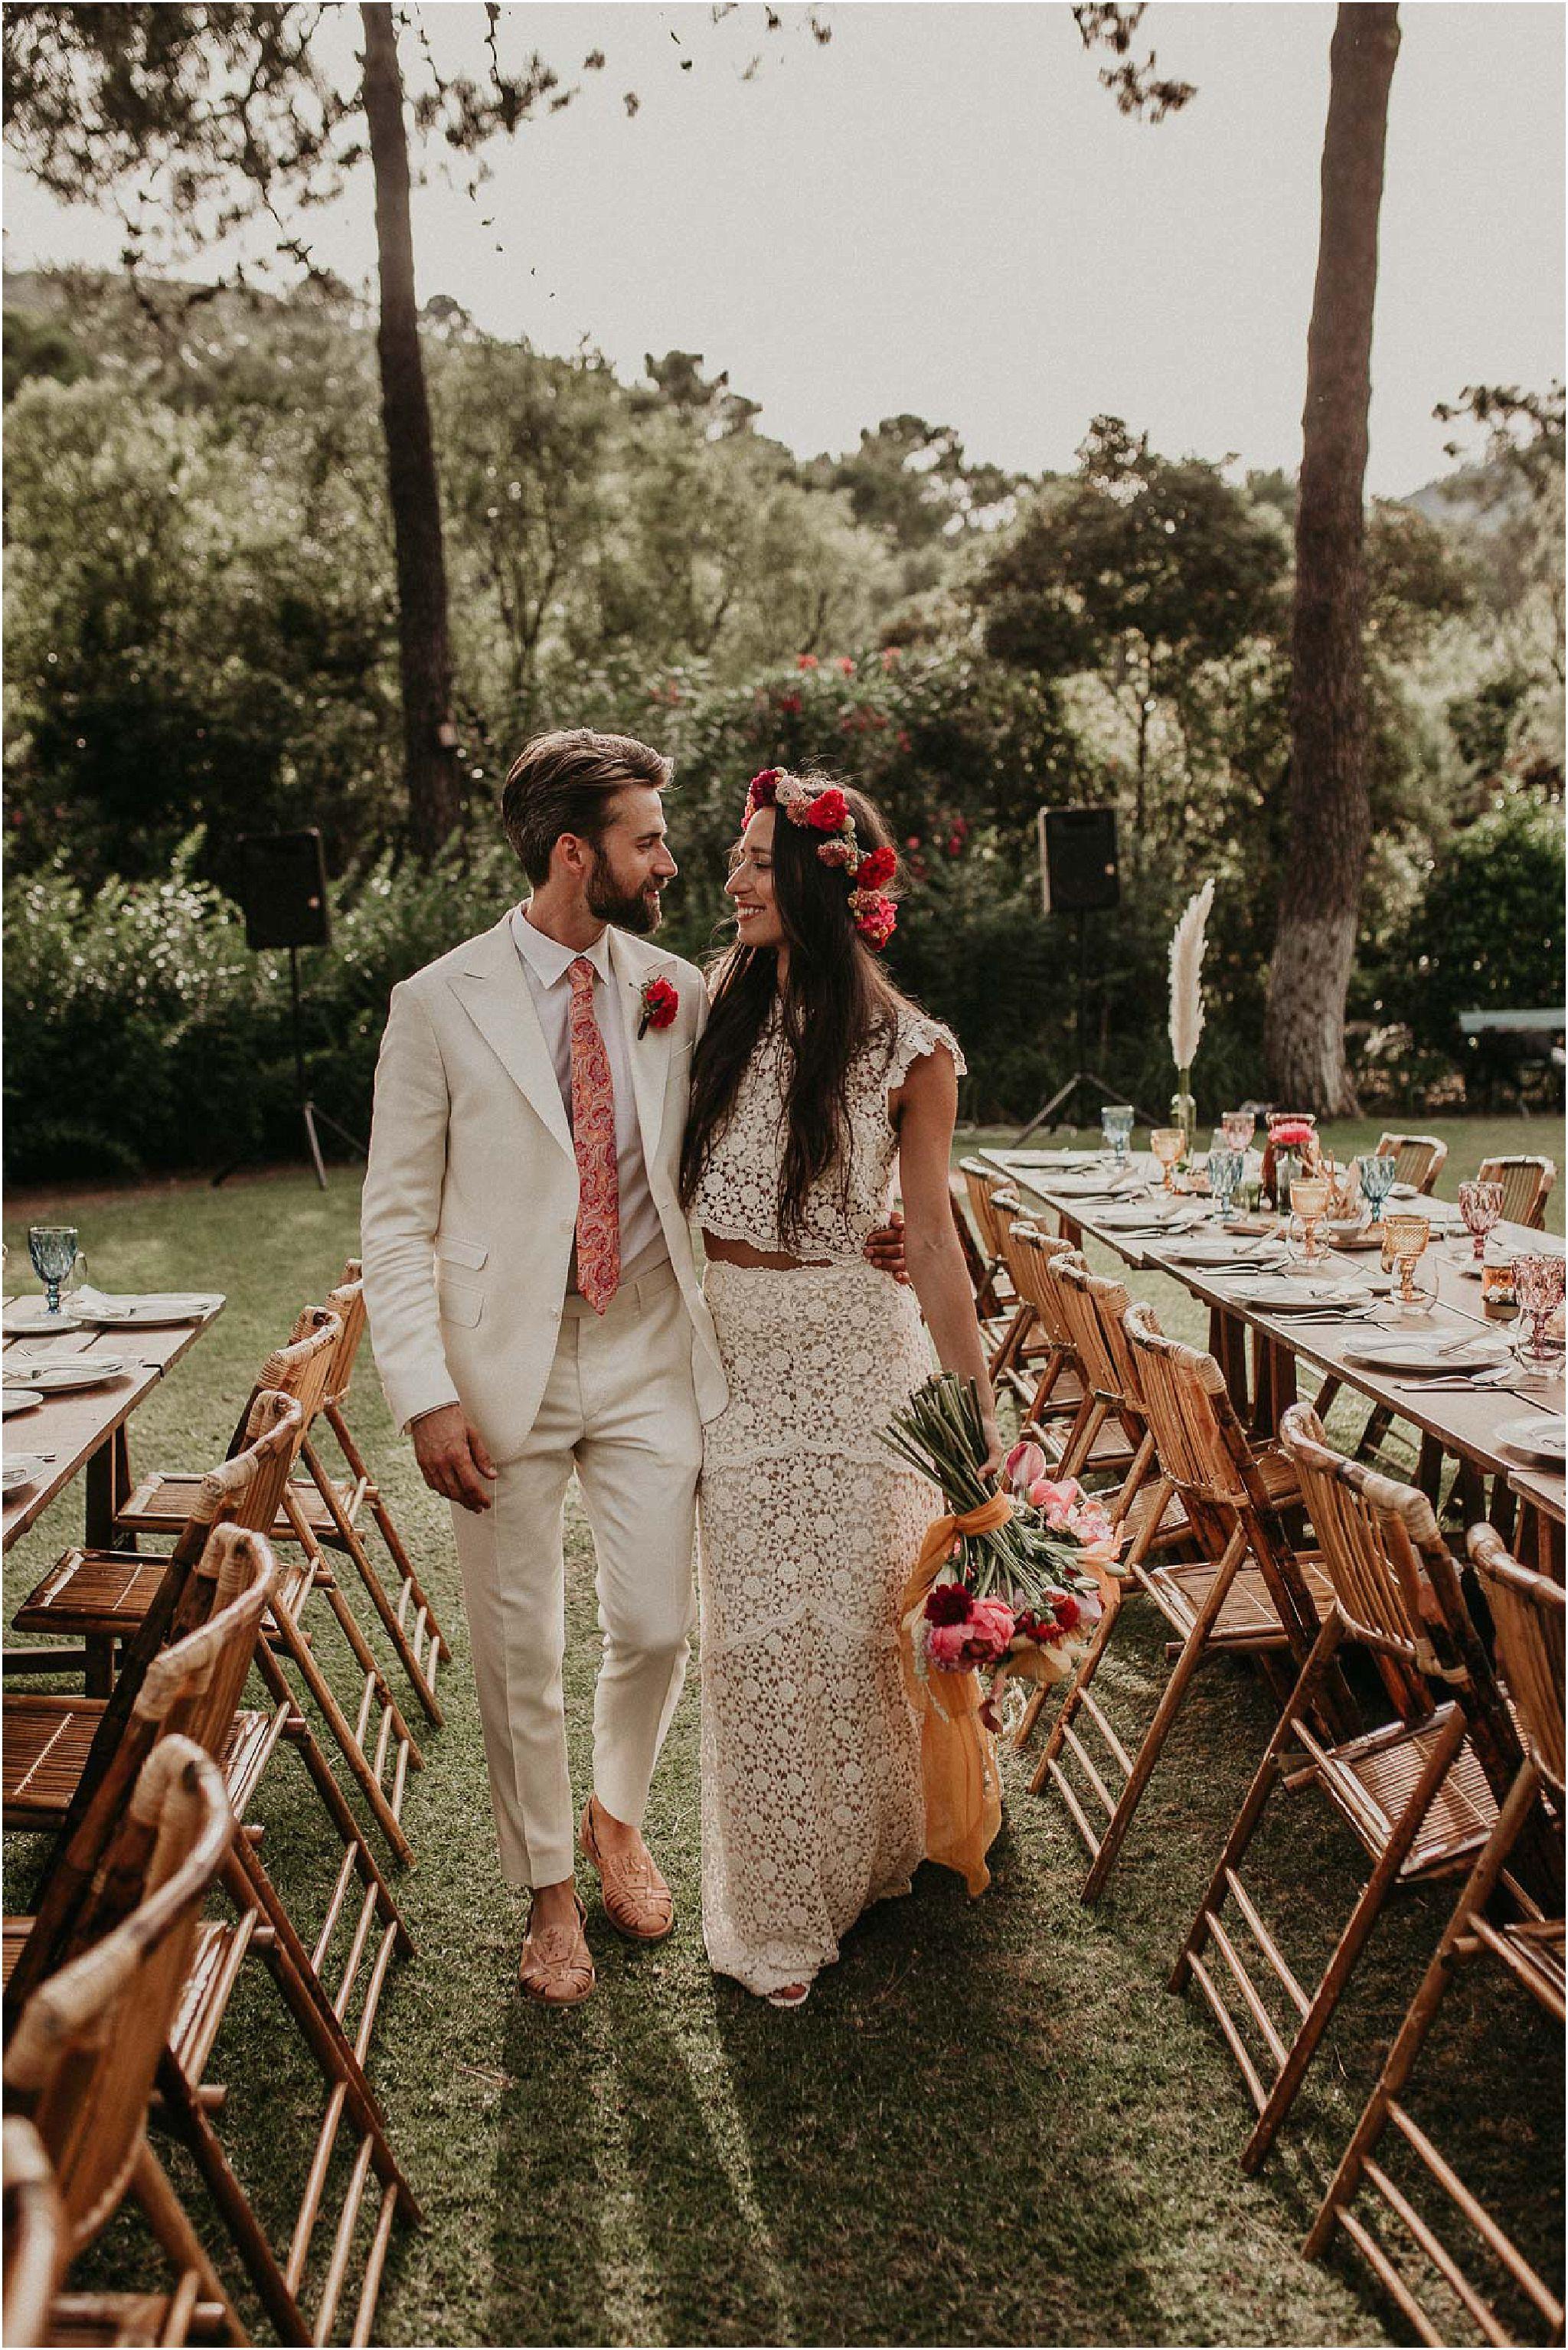 Destination wedding in Spain-1.1.jpg